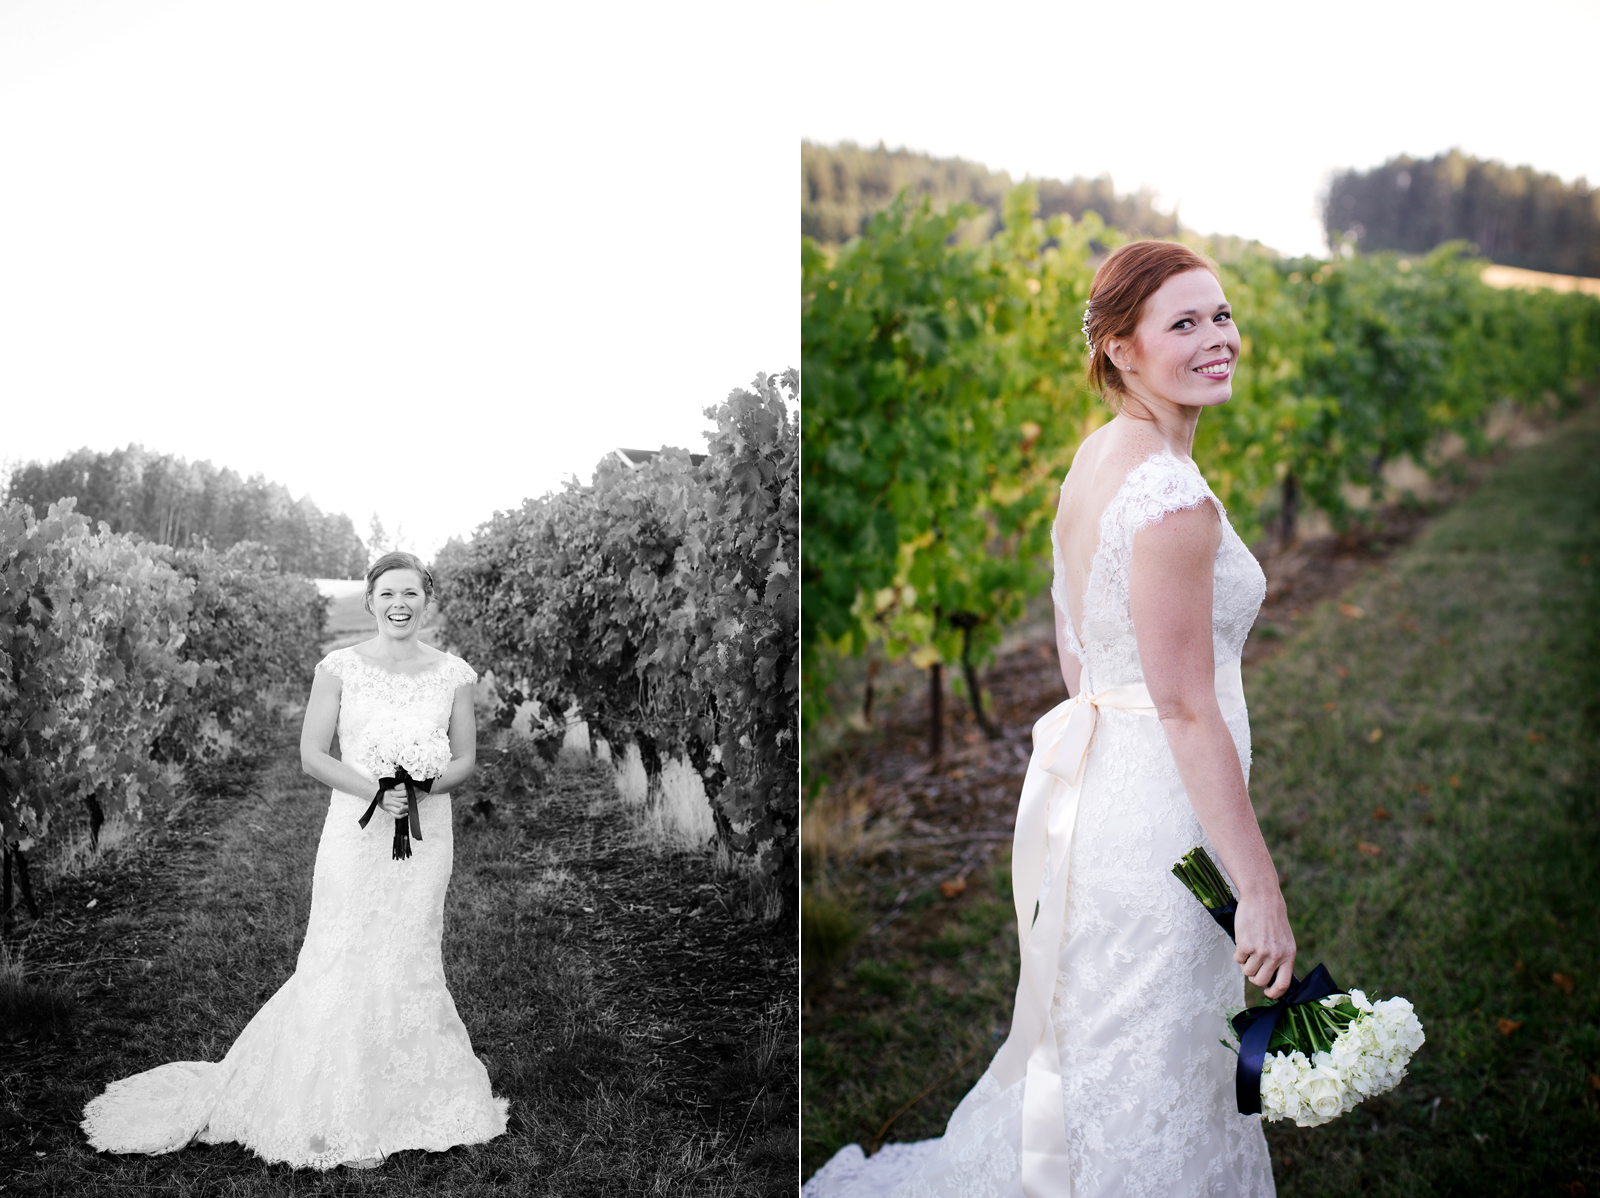 014-daronjackson-rich-wedding.jpg